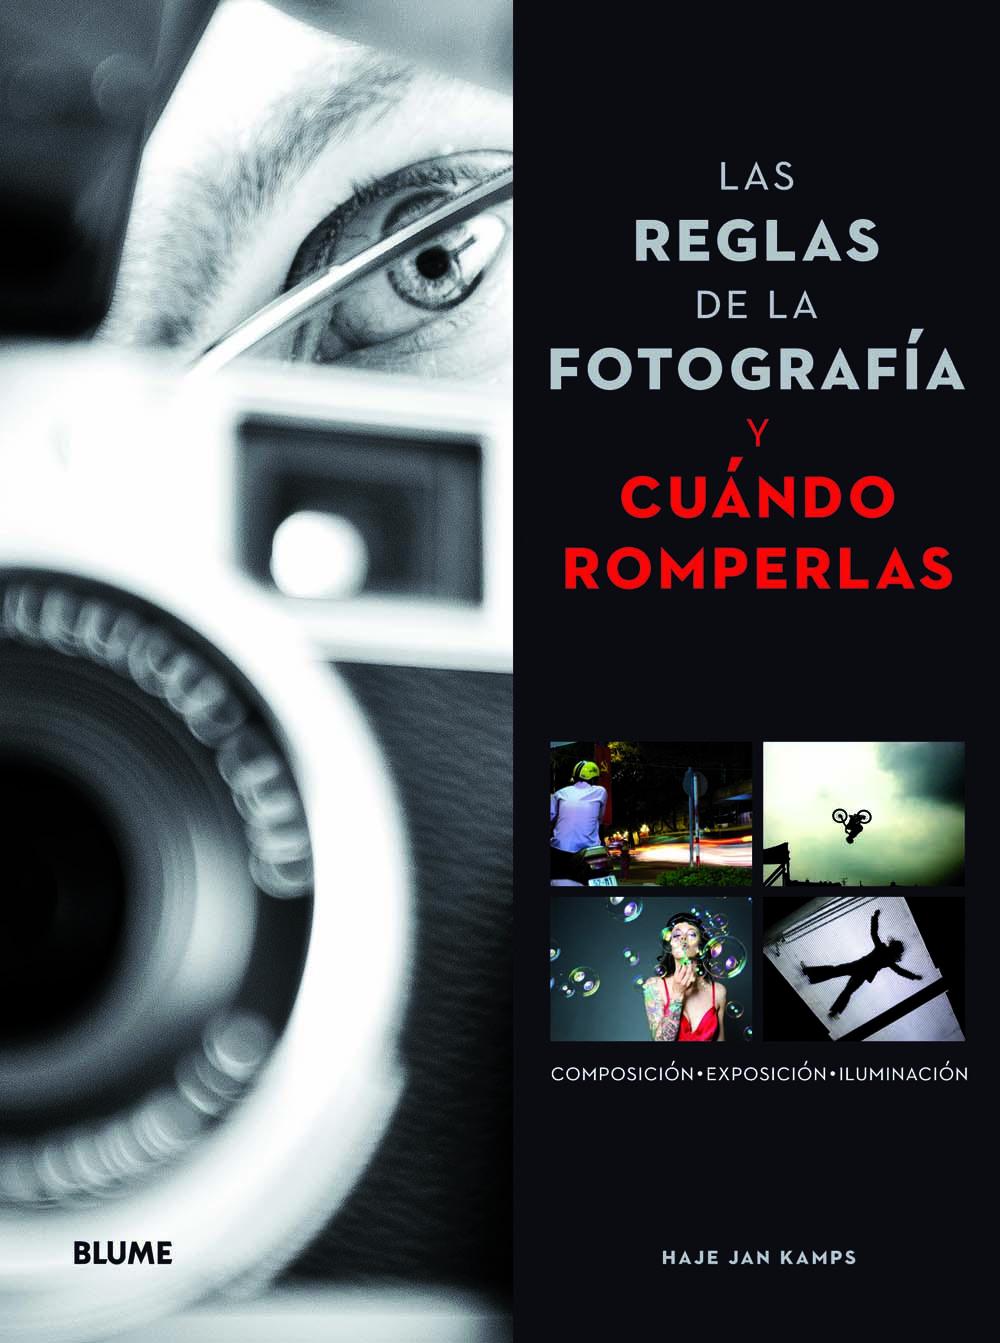 Libros Sueltos: Las reglas de la fotografía y cuándo romperlas ...